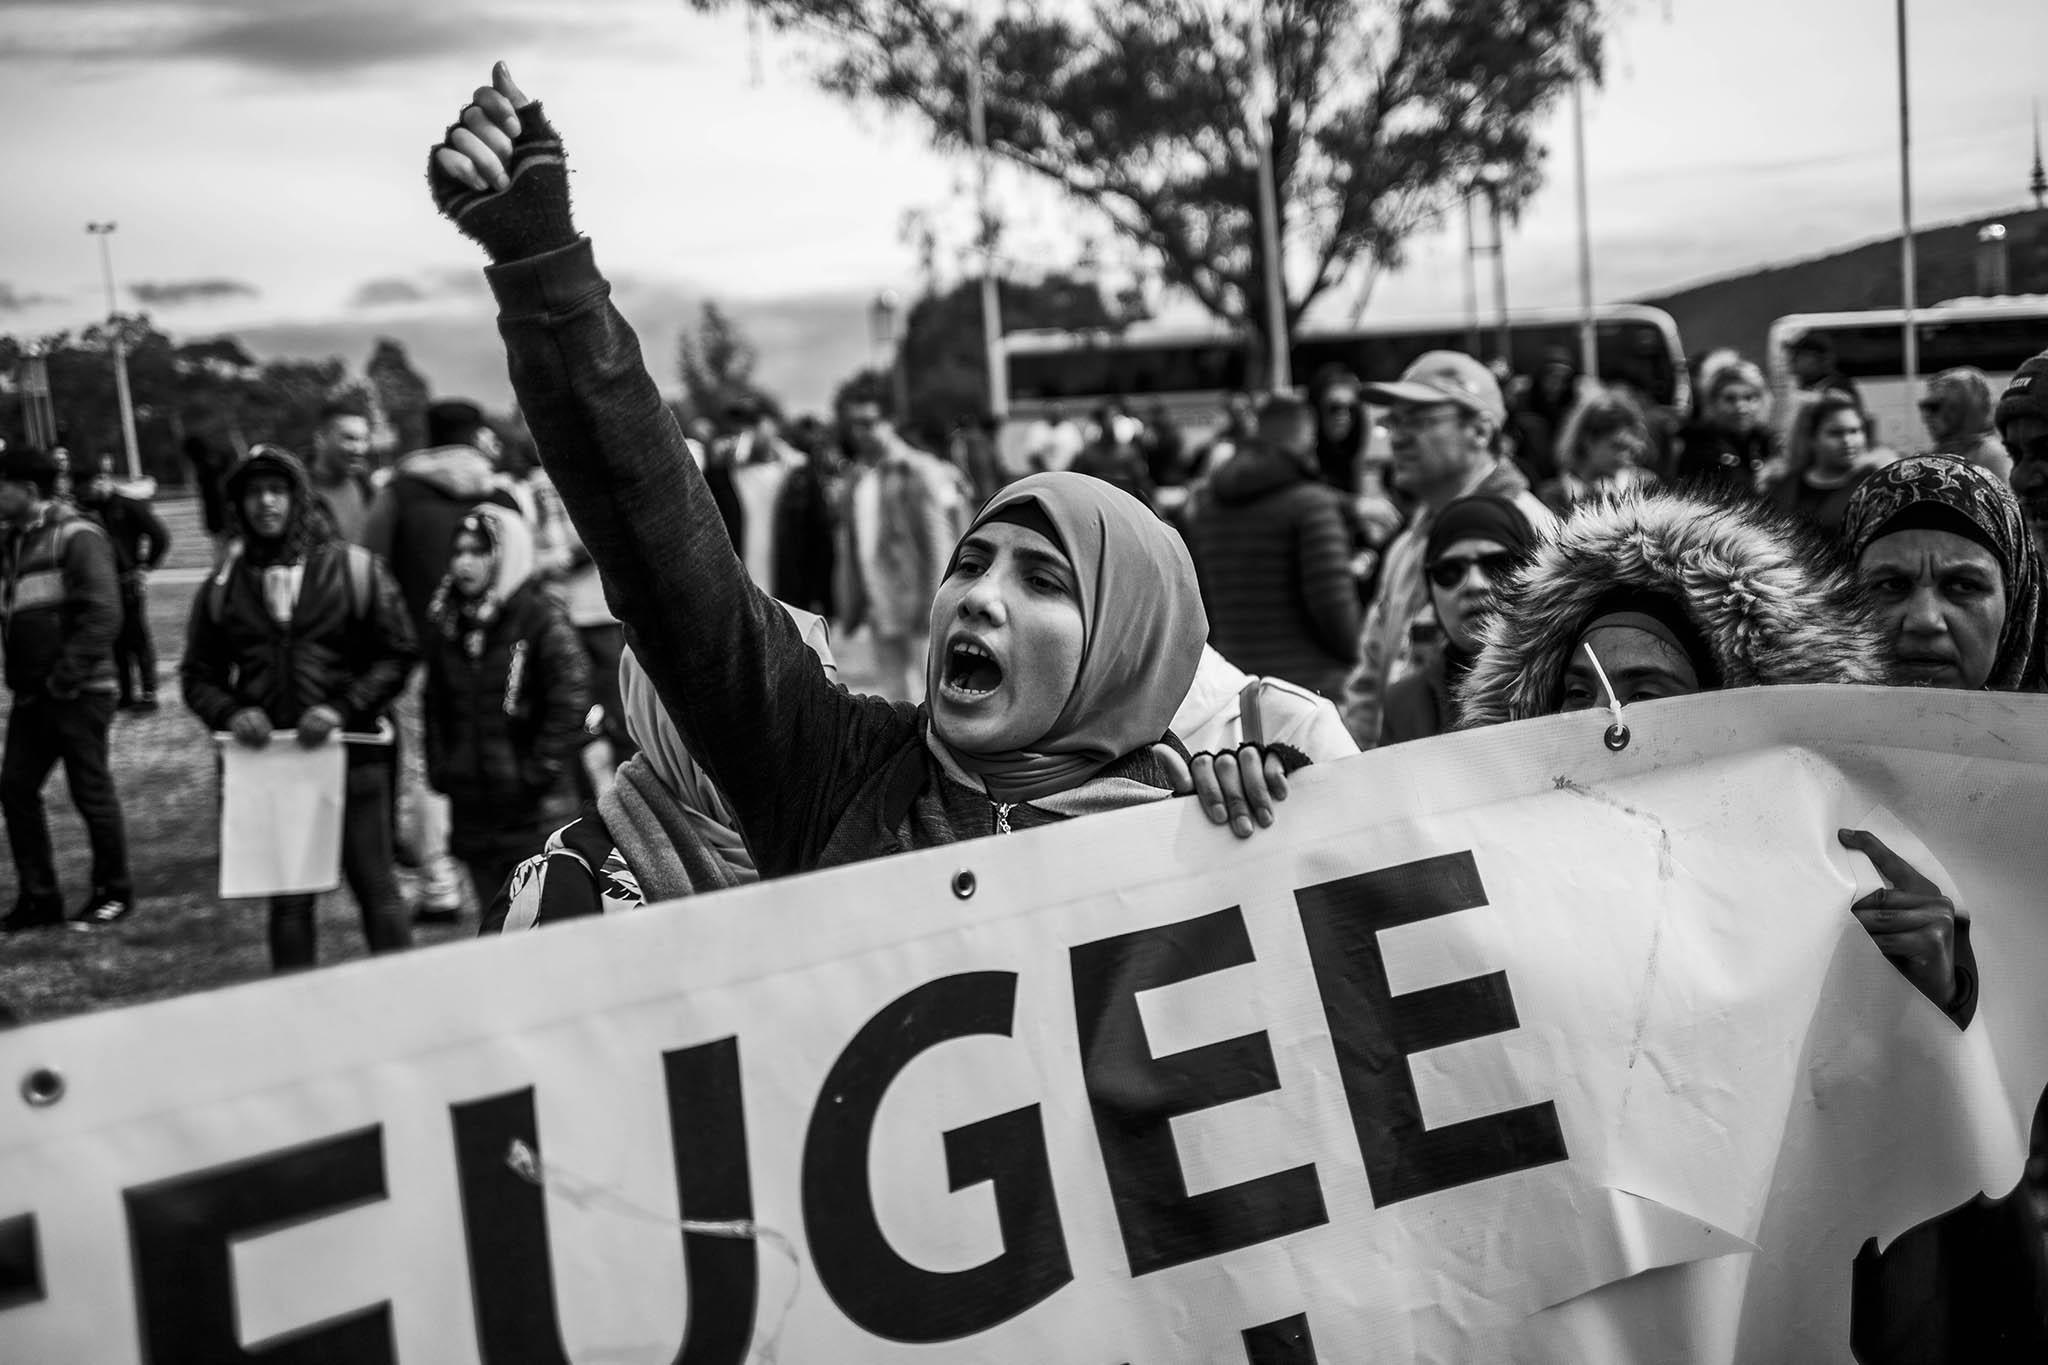 20190729_Refugee_Protest_0679.jpg